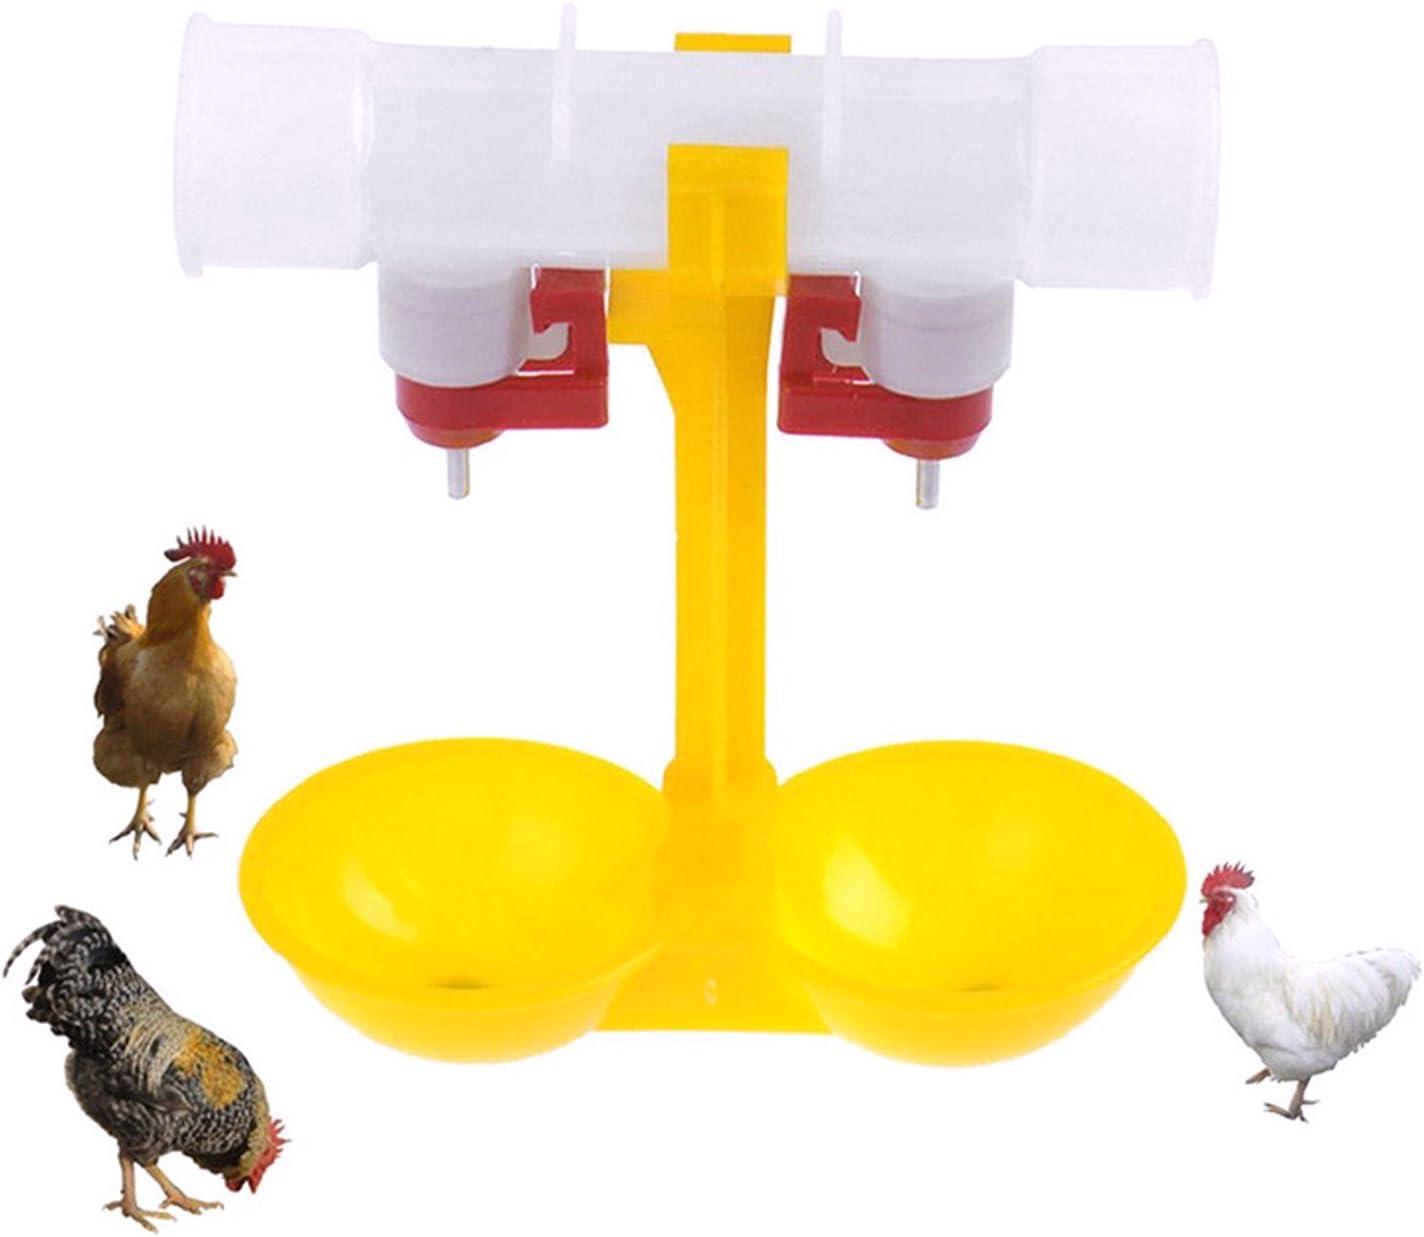 Buvet deau Buveur Buveur Distributeur De Nourriture deau Oiseau De Canard De Poulet Kylewo 5 Pcs Buveur Automatique De Volaille De Poulet